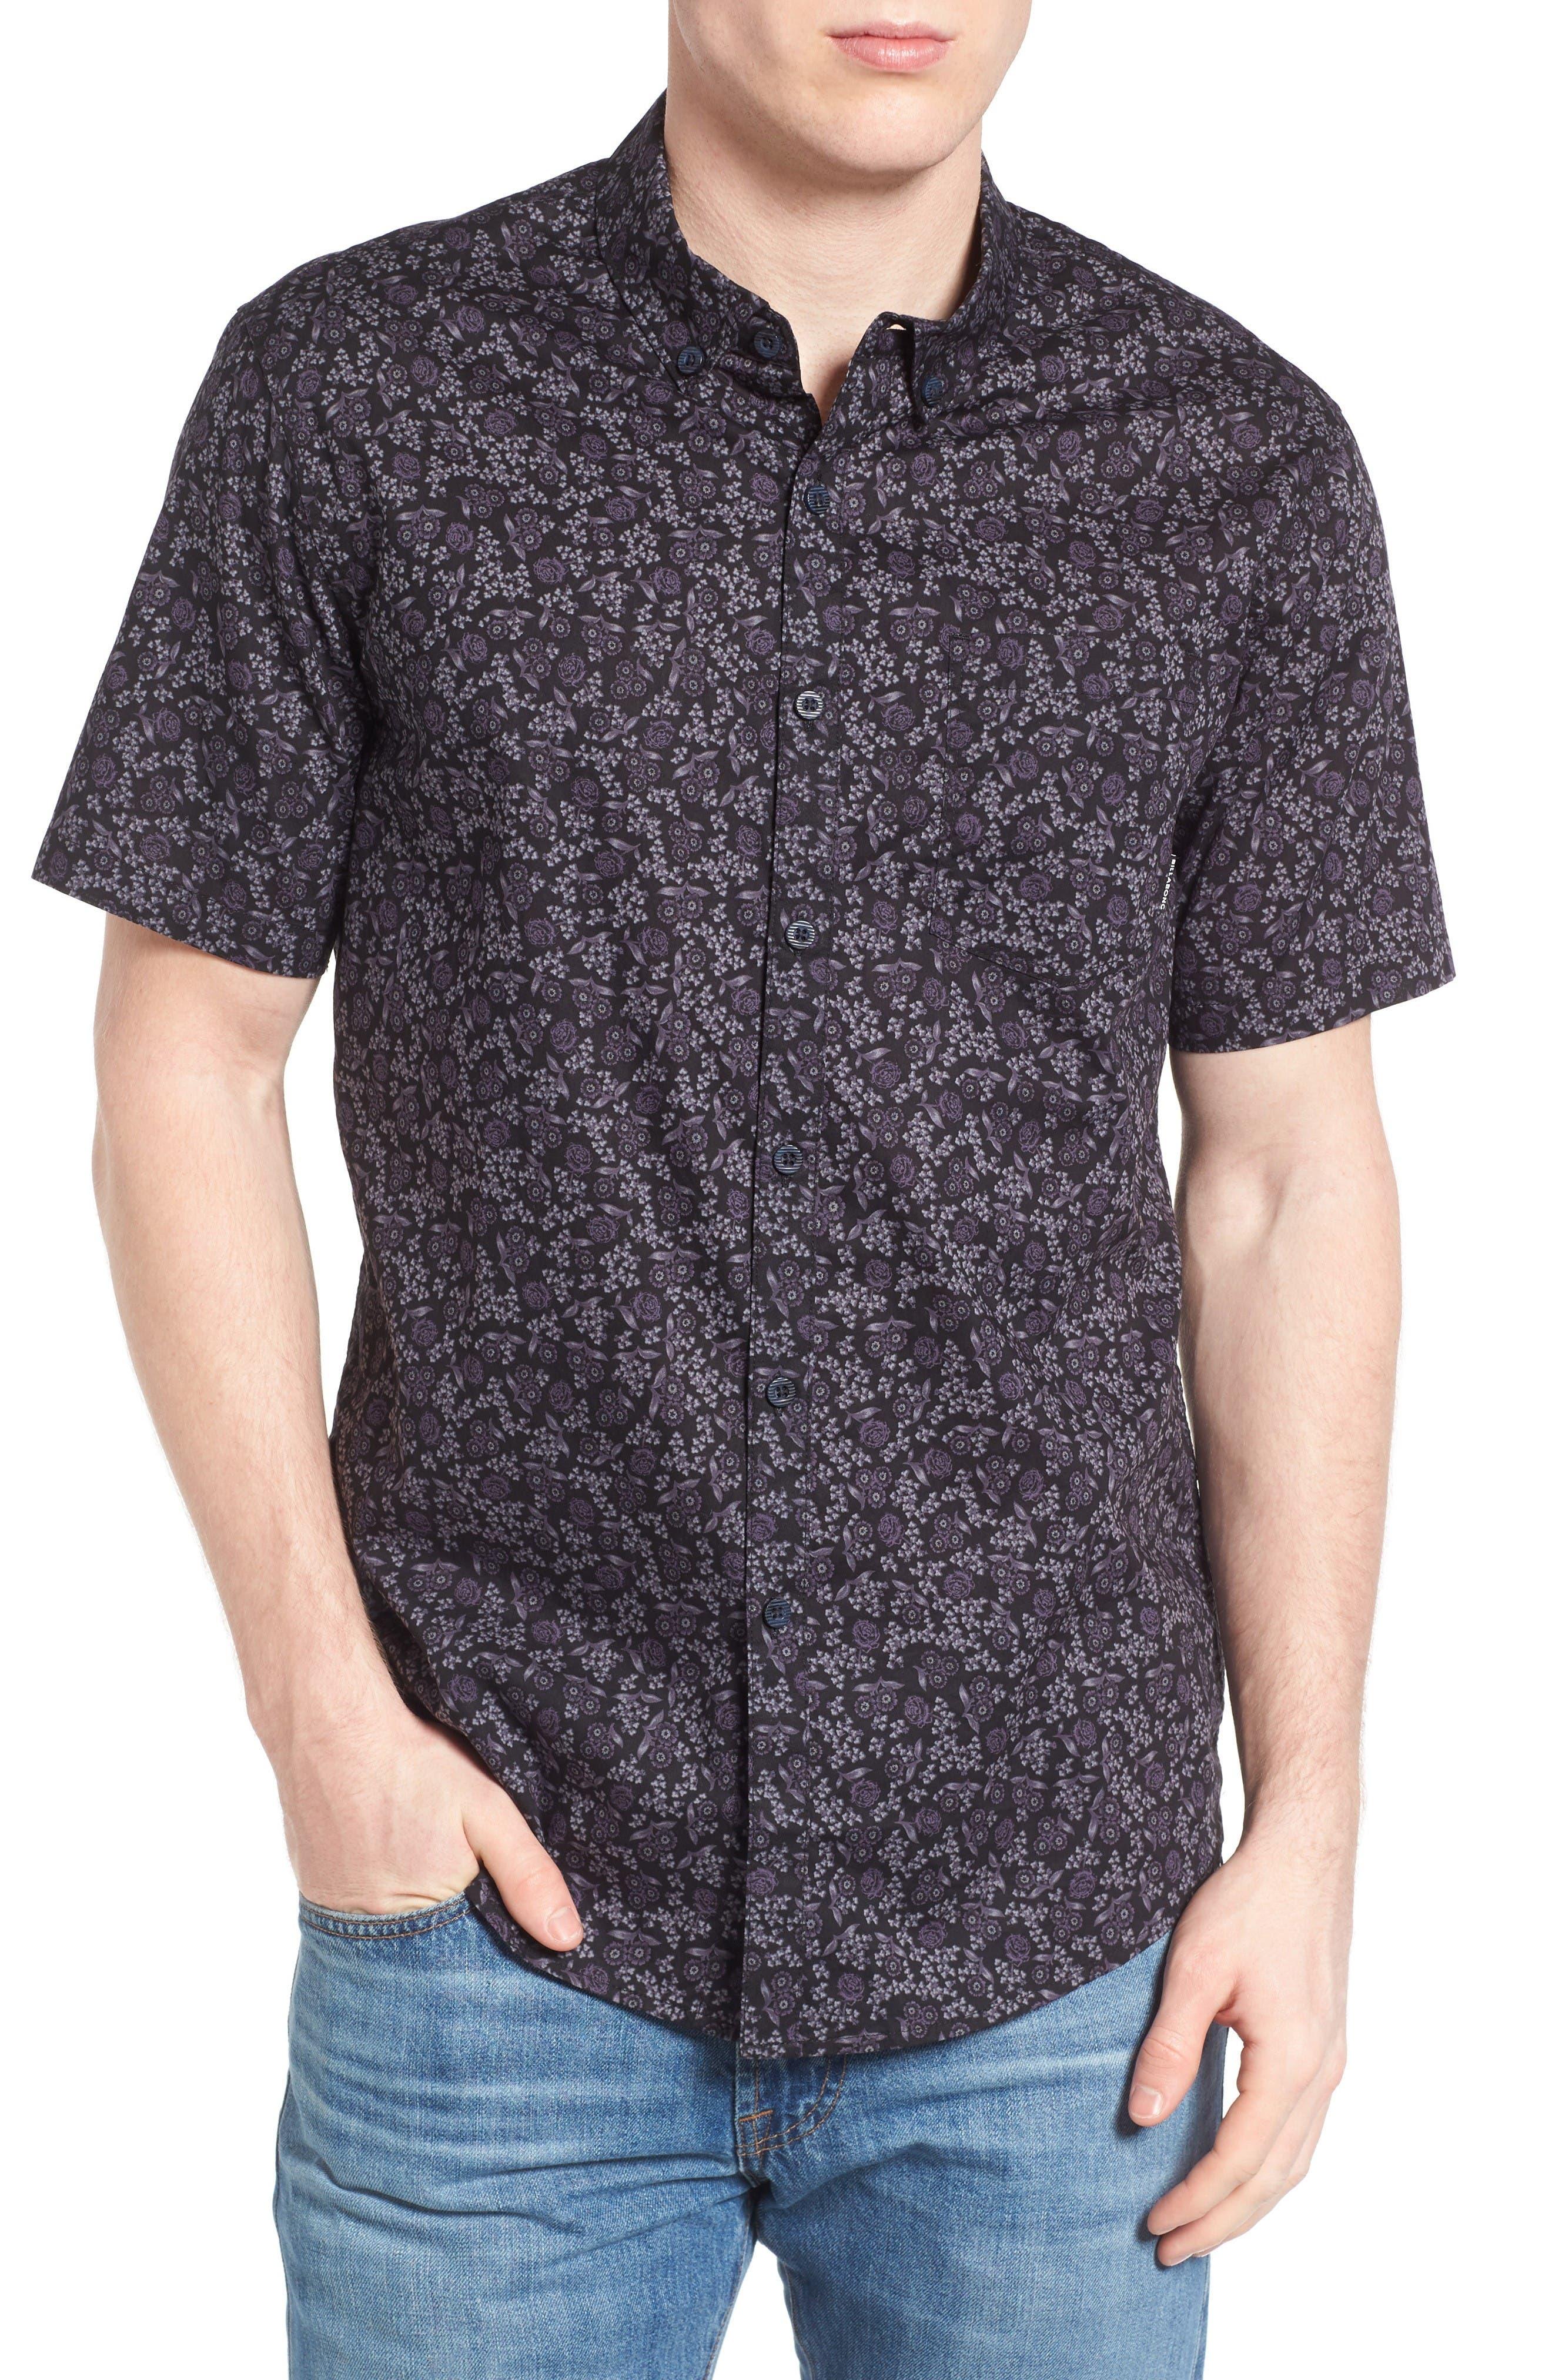 BILLABONG Marker Print Woven Shirt